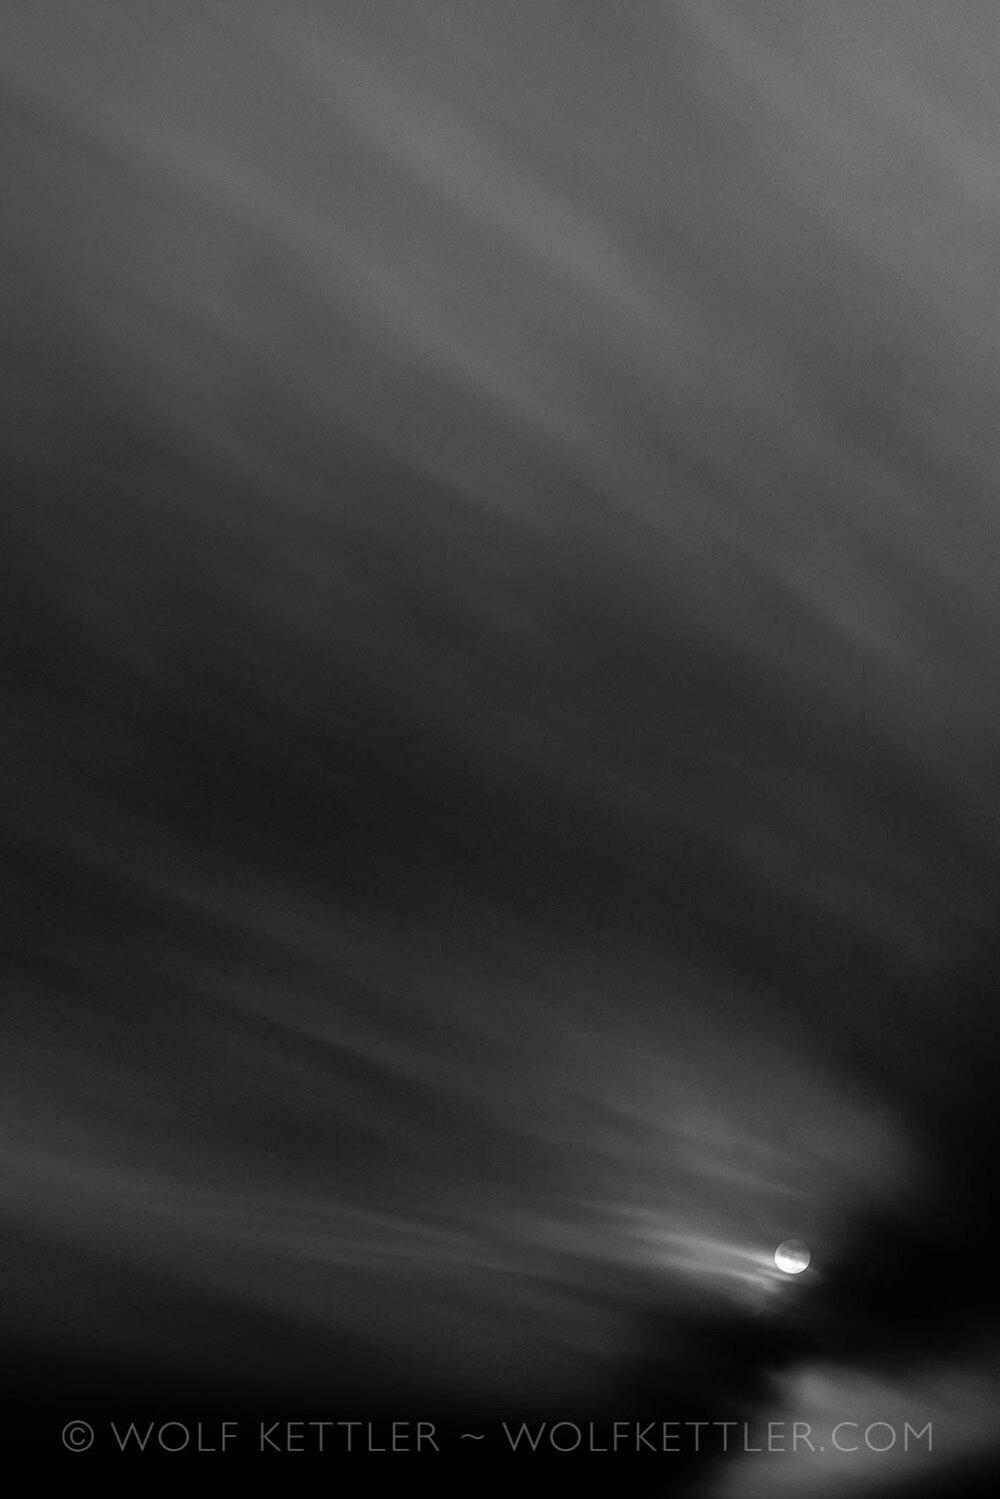 Night Sky No. 29